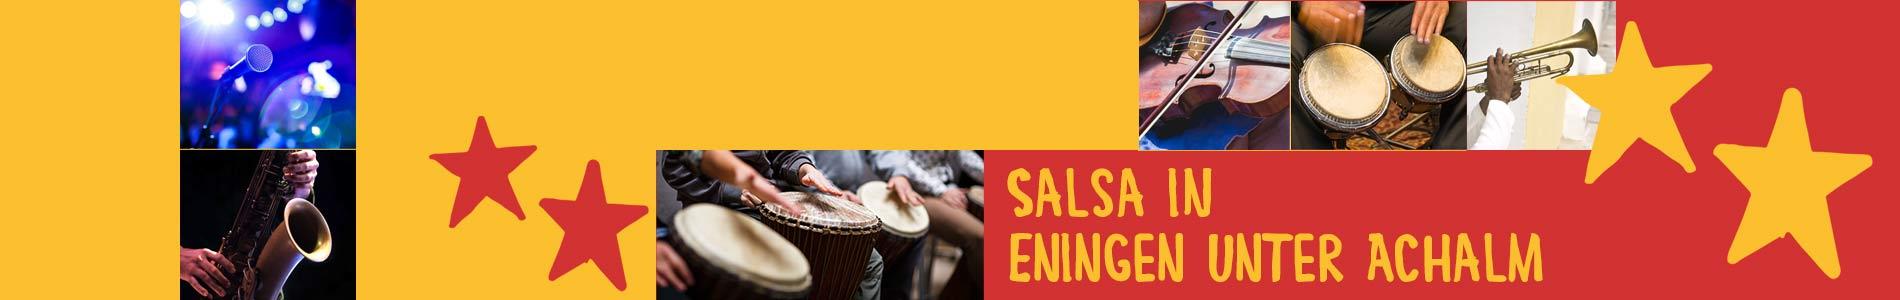 Salsa in Eningen unter Achalm – Salsa lernen und tanzen, Tanzkurse, Partys, Veranstaltungen